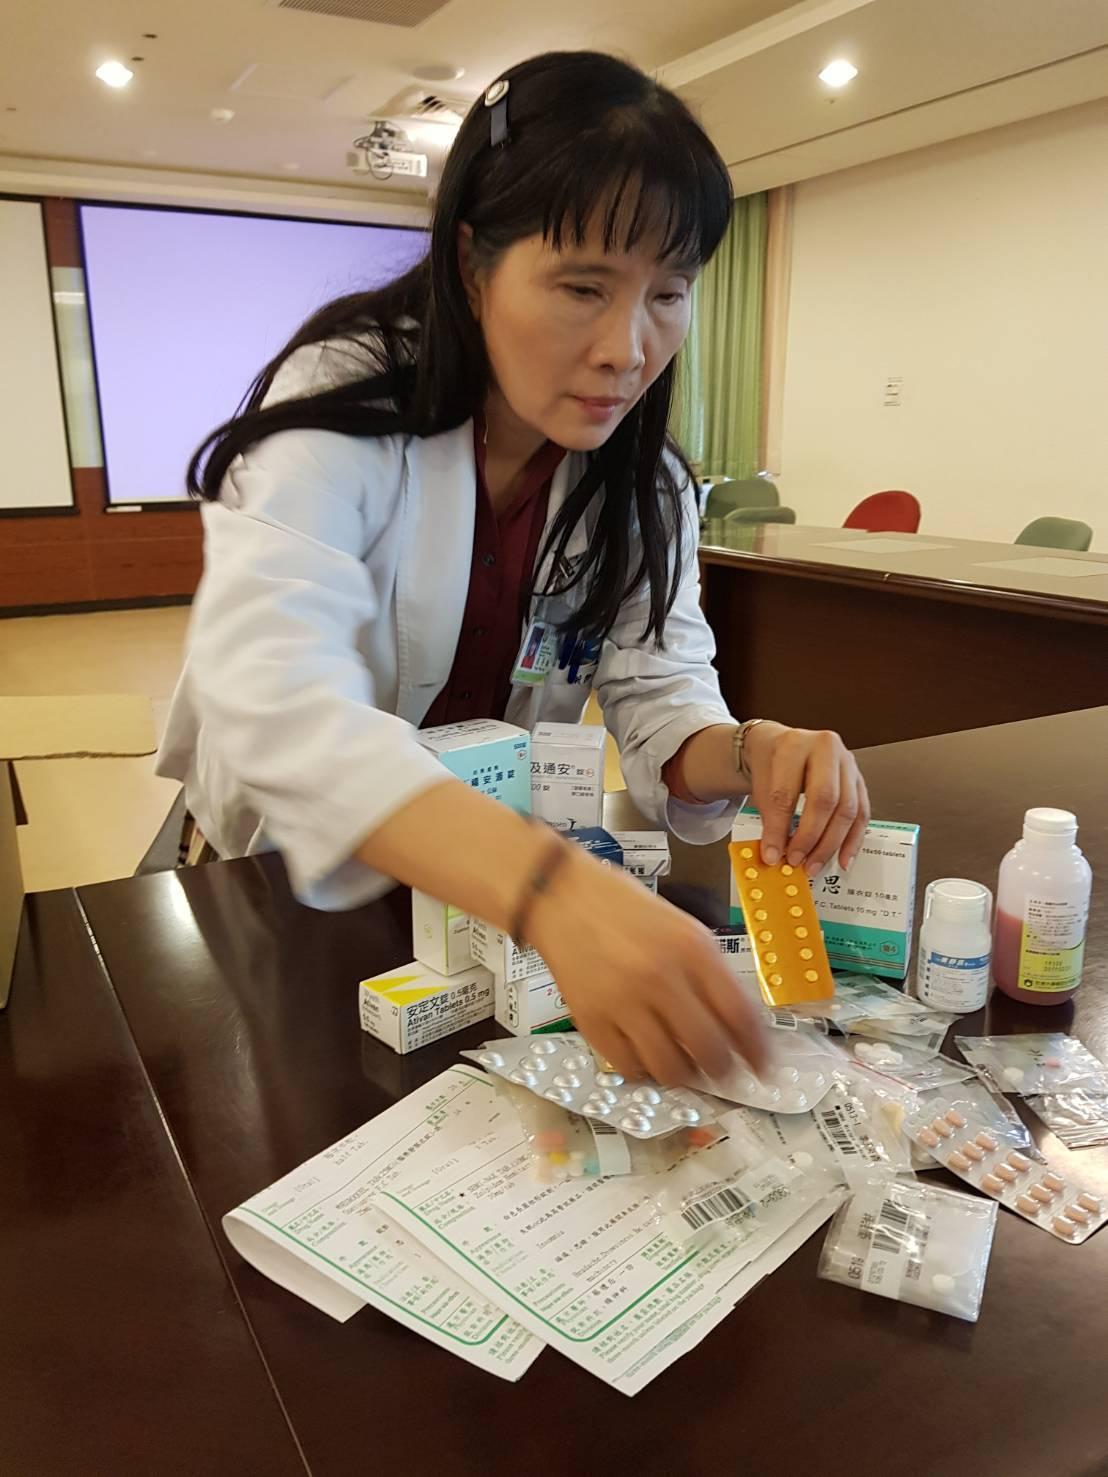 衛福部台中醫院藥師侯芳敏建議,民眾應定期整理藥品。圖/衛福部台中醫院提供